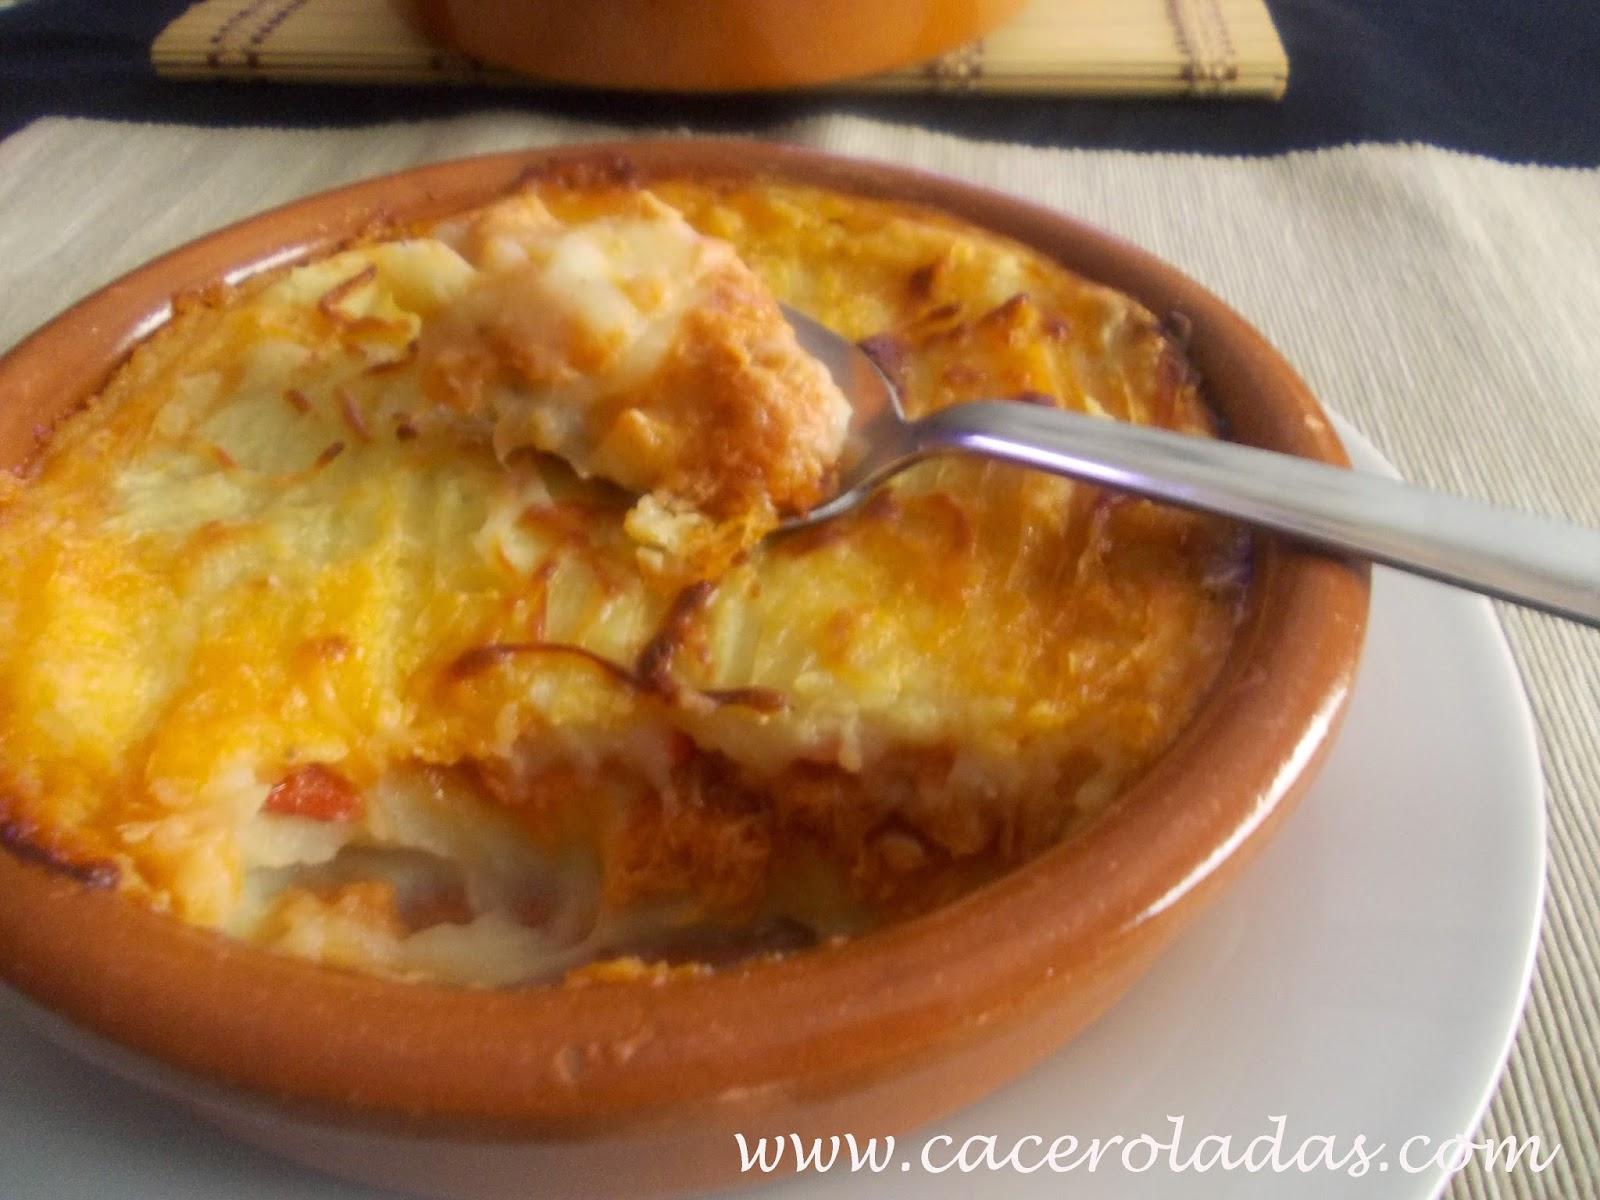 Caceroladas gratinado de patatas y at n - Gratinado de patata ...